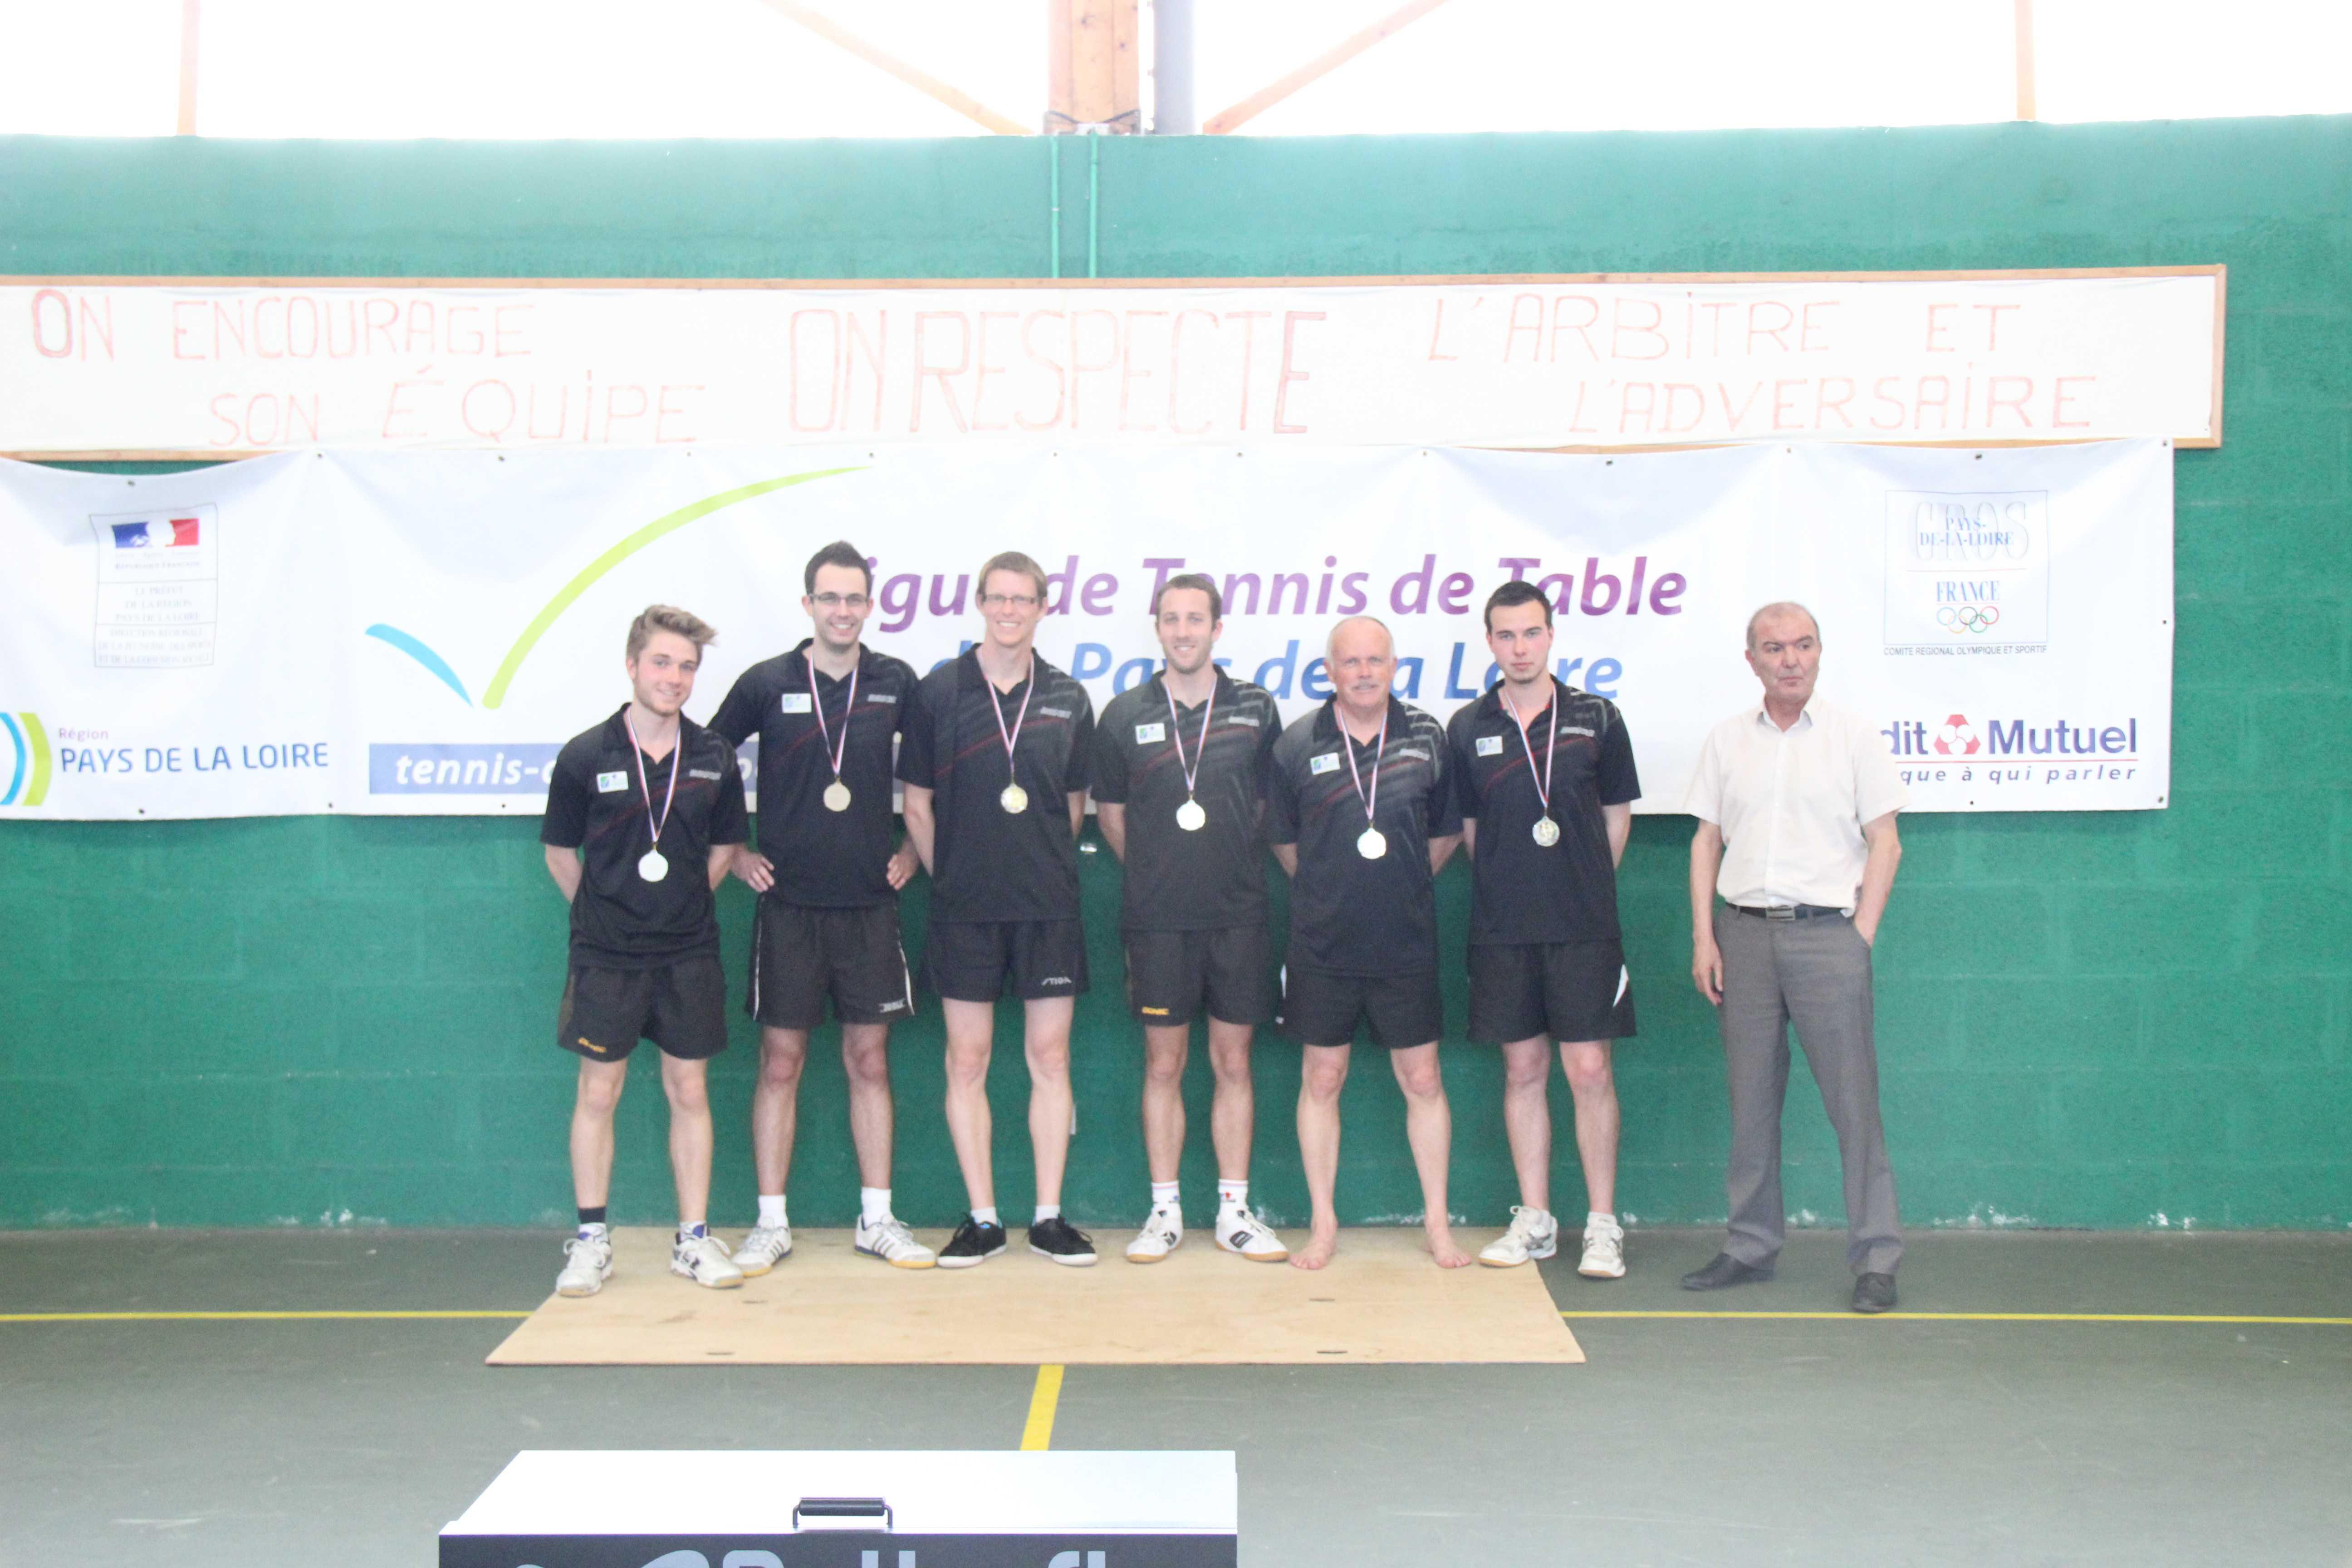 R sultats des titres et barrages r gionaux par quipe 2014 - Ligue des pays de la loire tennis de table ...